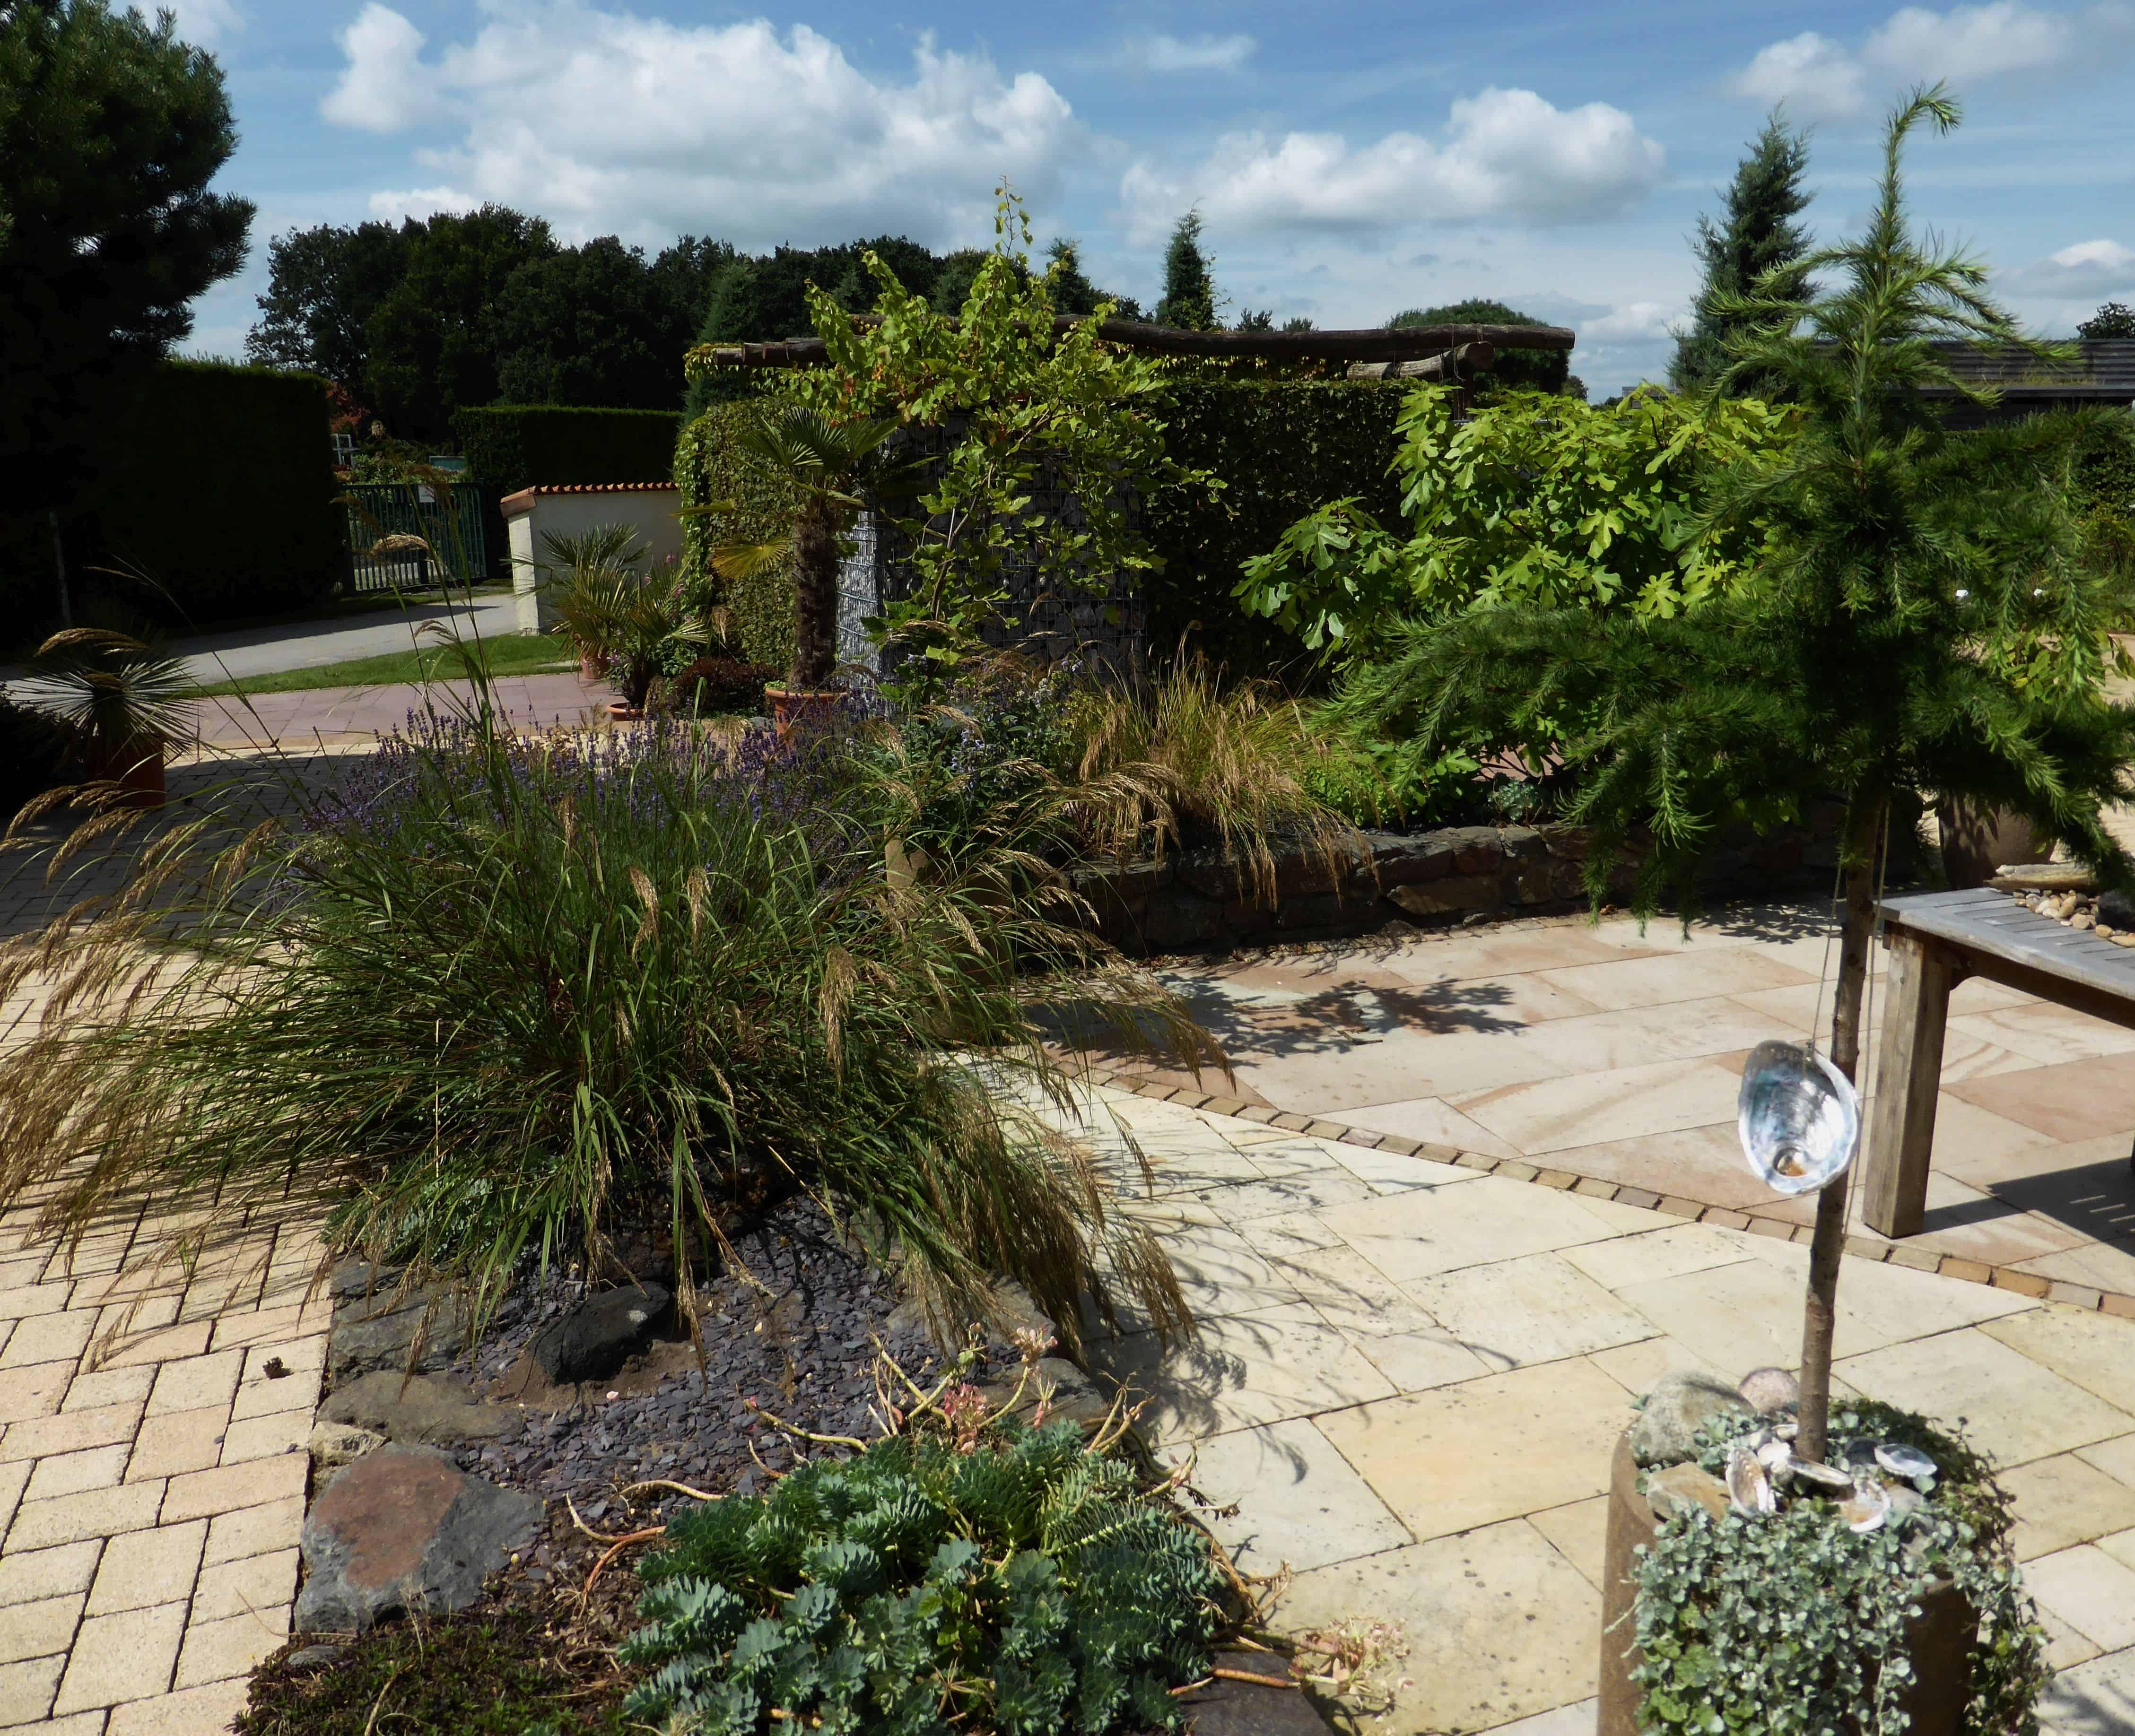 Terrasse mit mediterranen Pflanzen